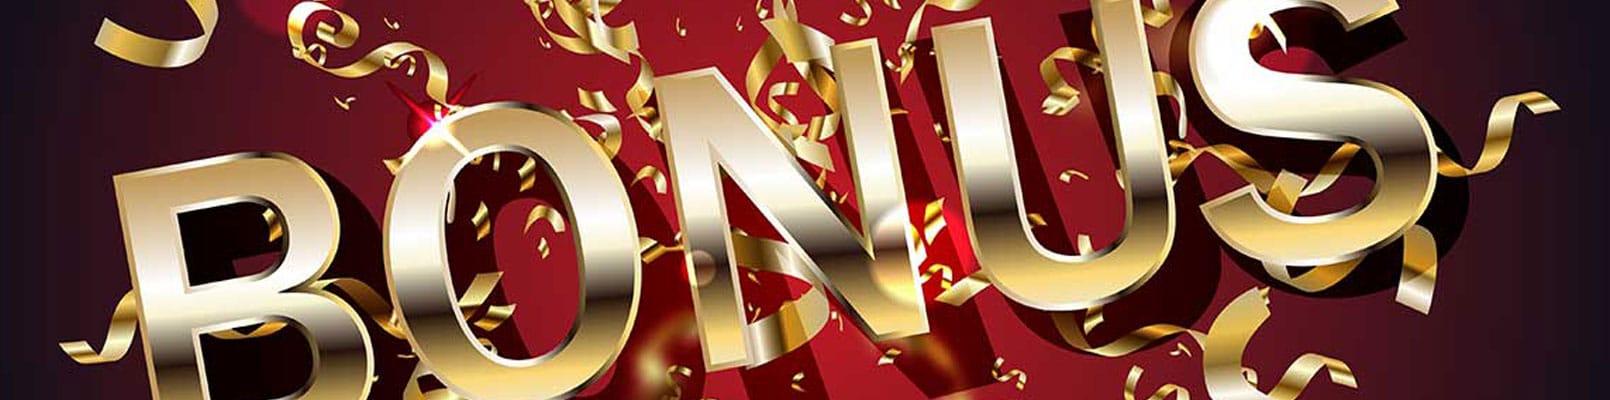 bonus fără depunere casino online România